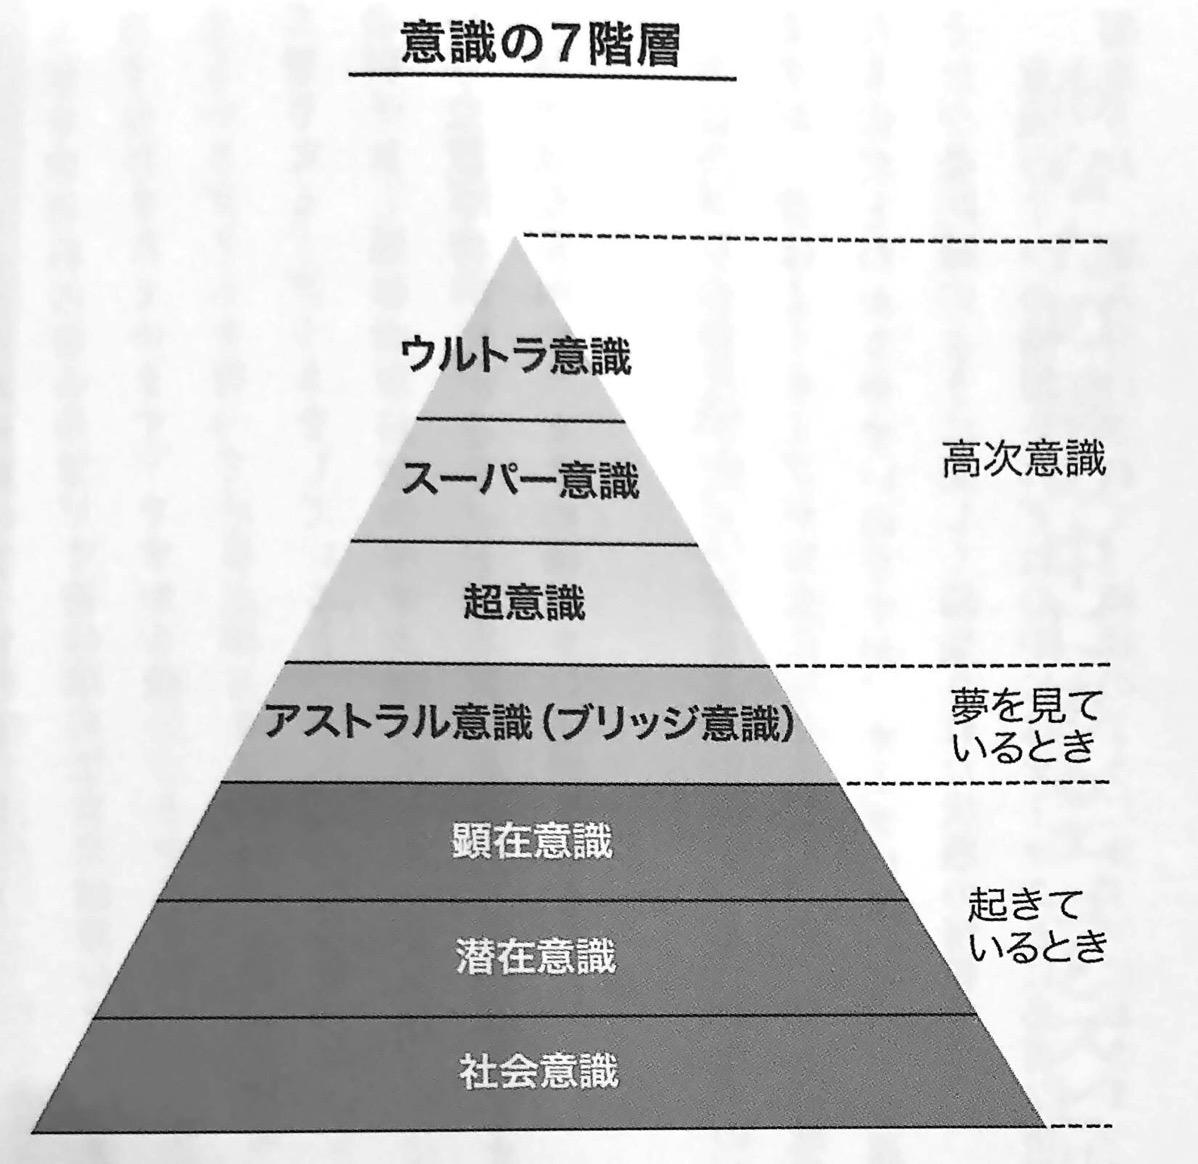 図2 意識の7階層 この世 の歩き方 第2章